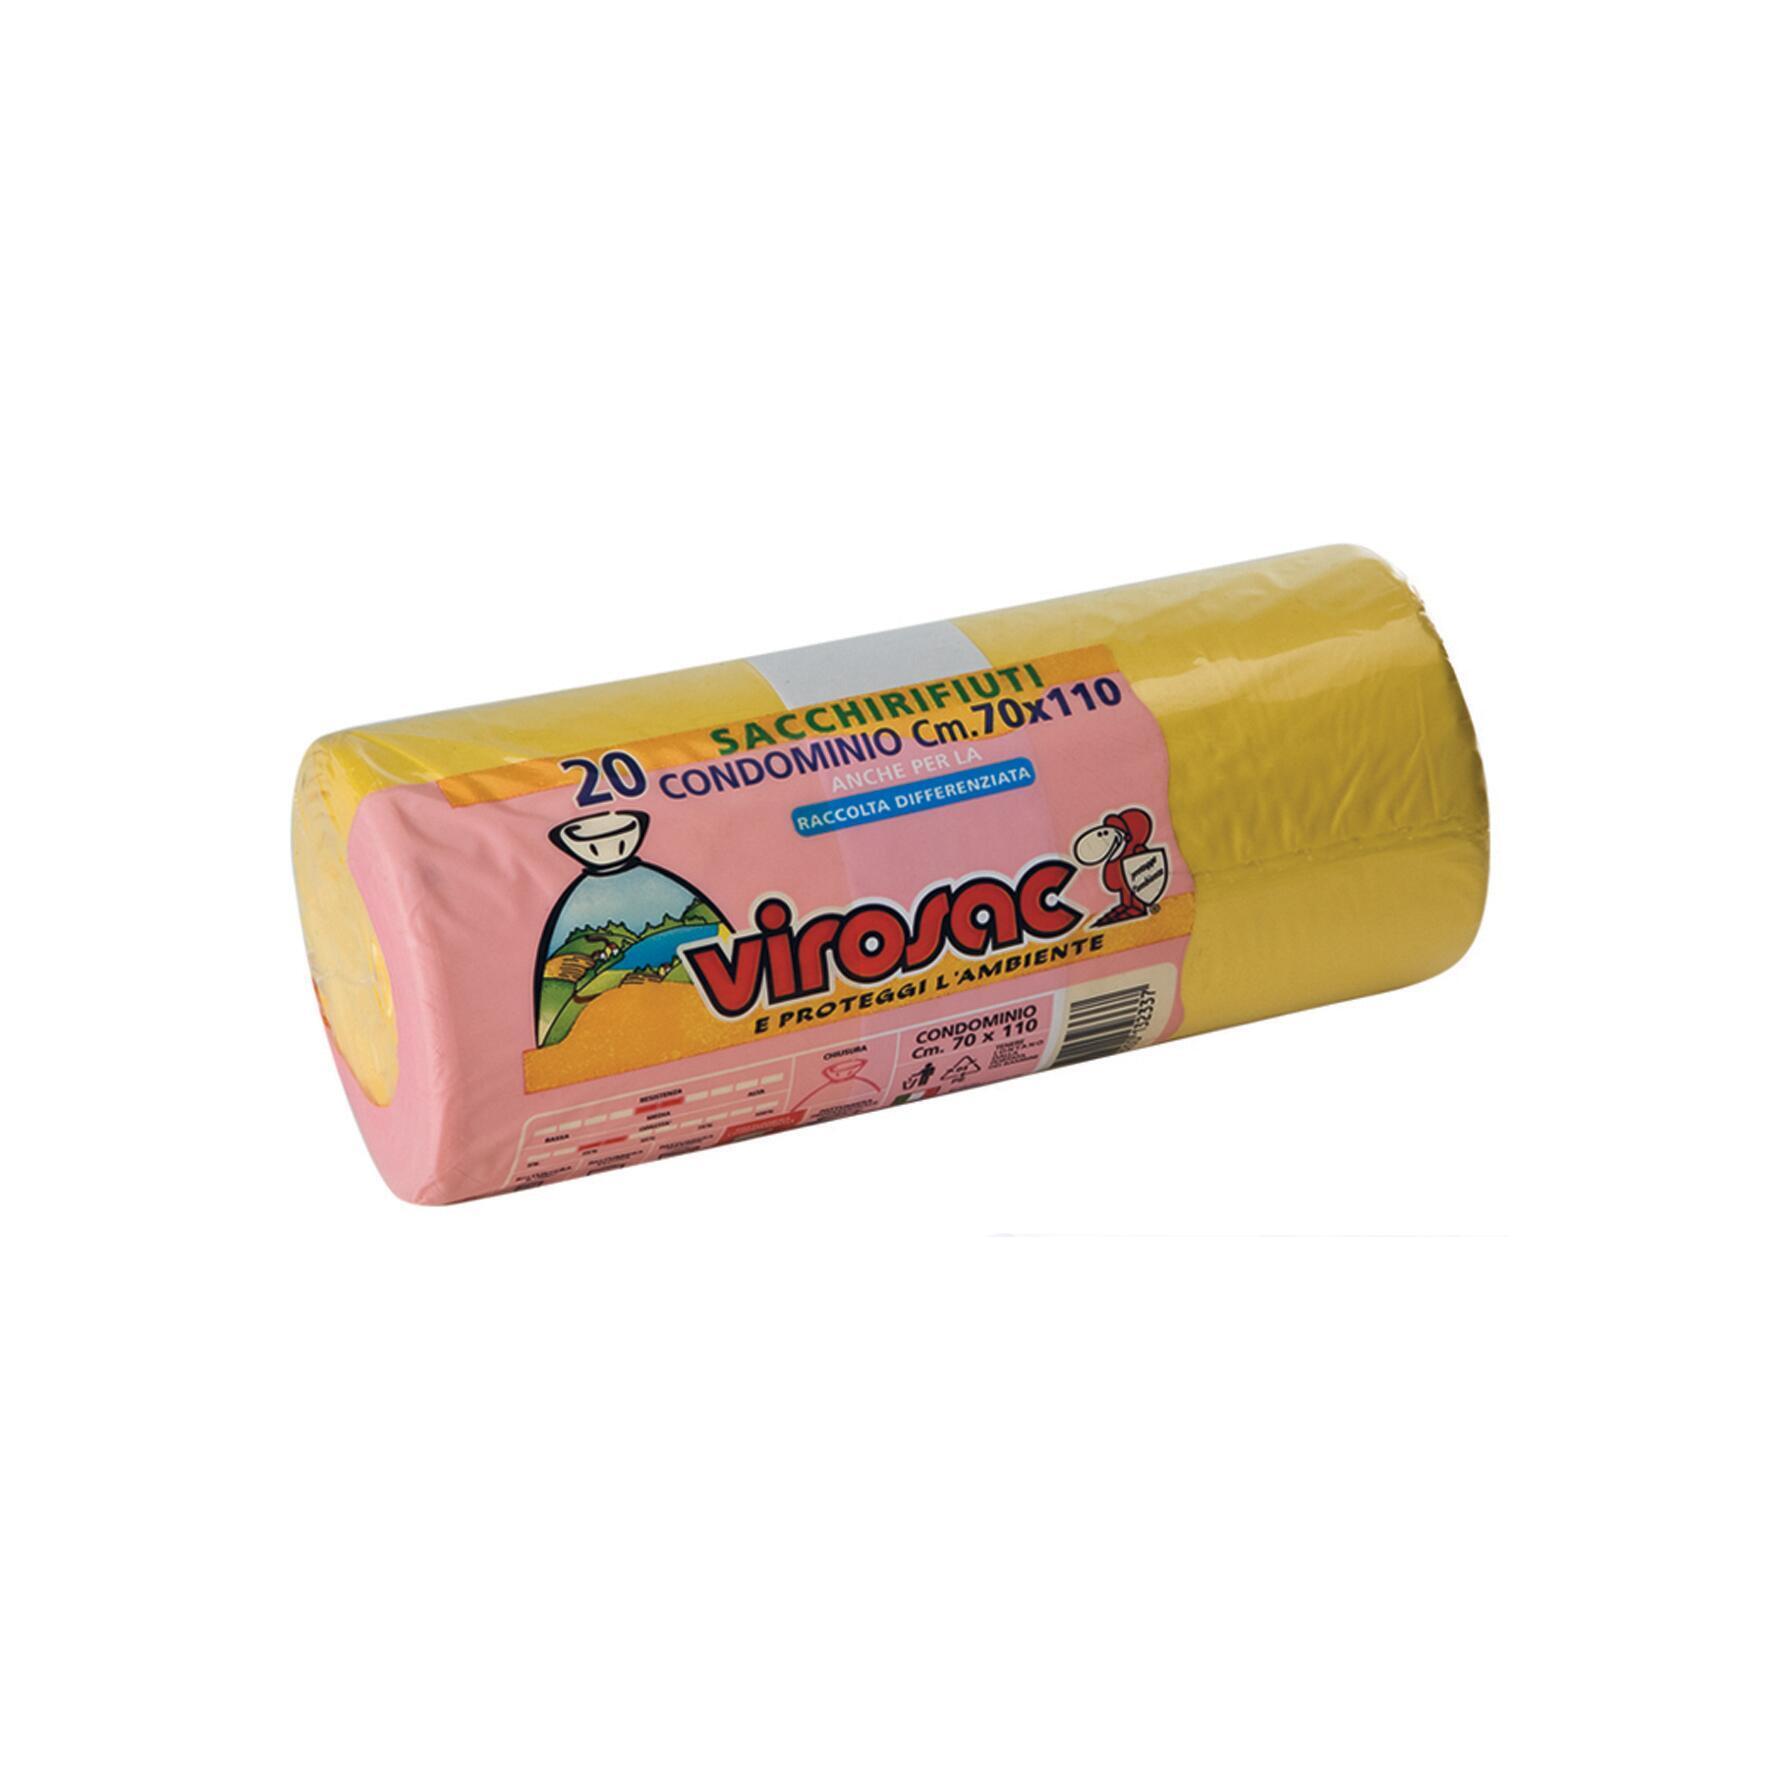 Sacchi spazzatura Rotolo condominio L 70 x H 110 cm 110 L giallo 20 pezzi